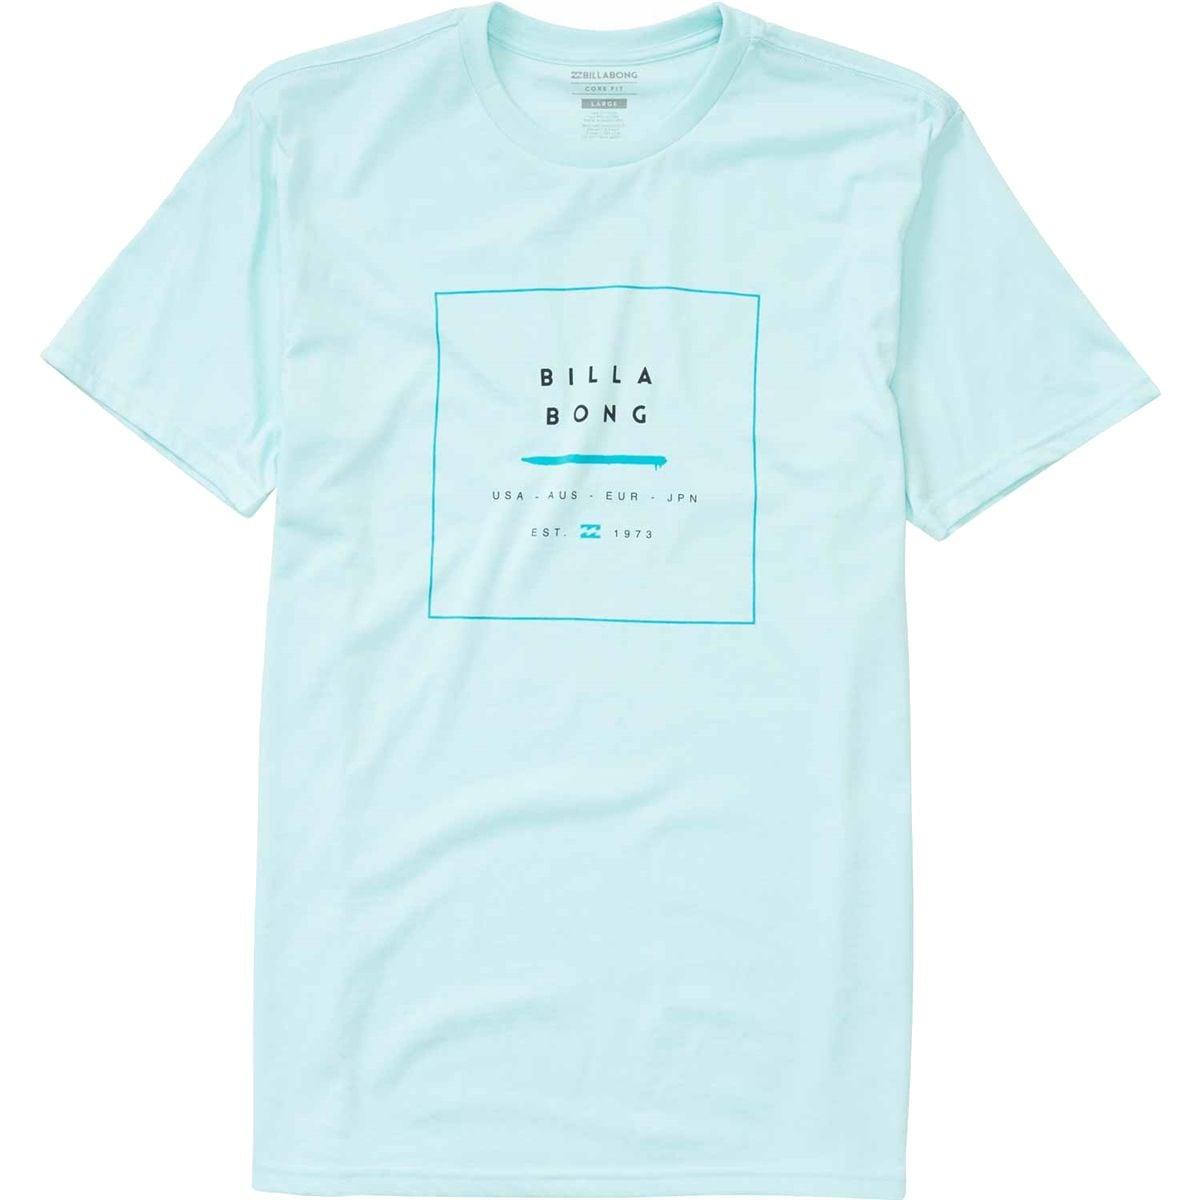 Billabong Spray Box T-Shirt - Men